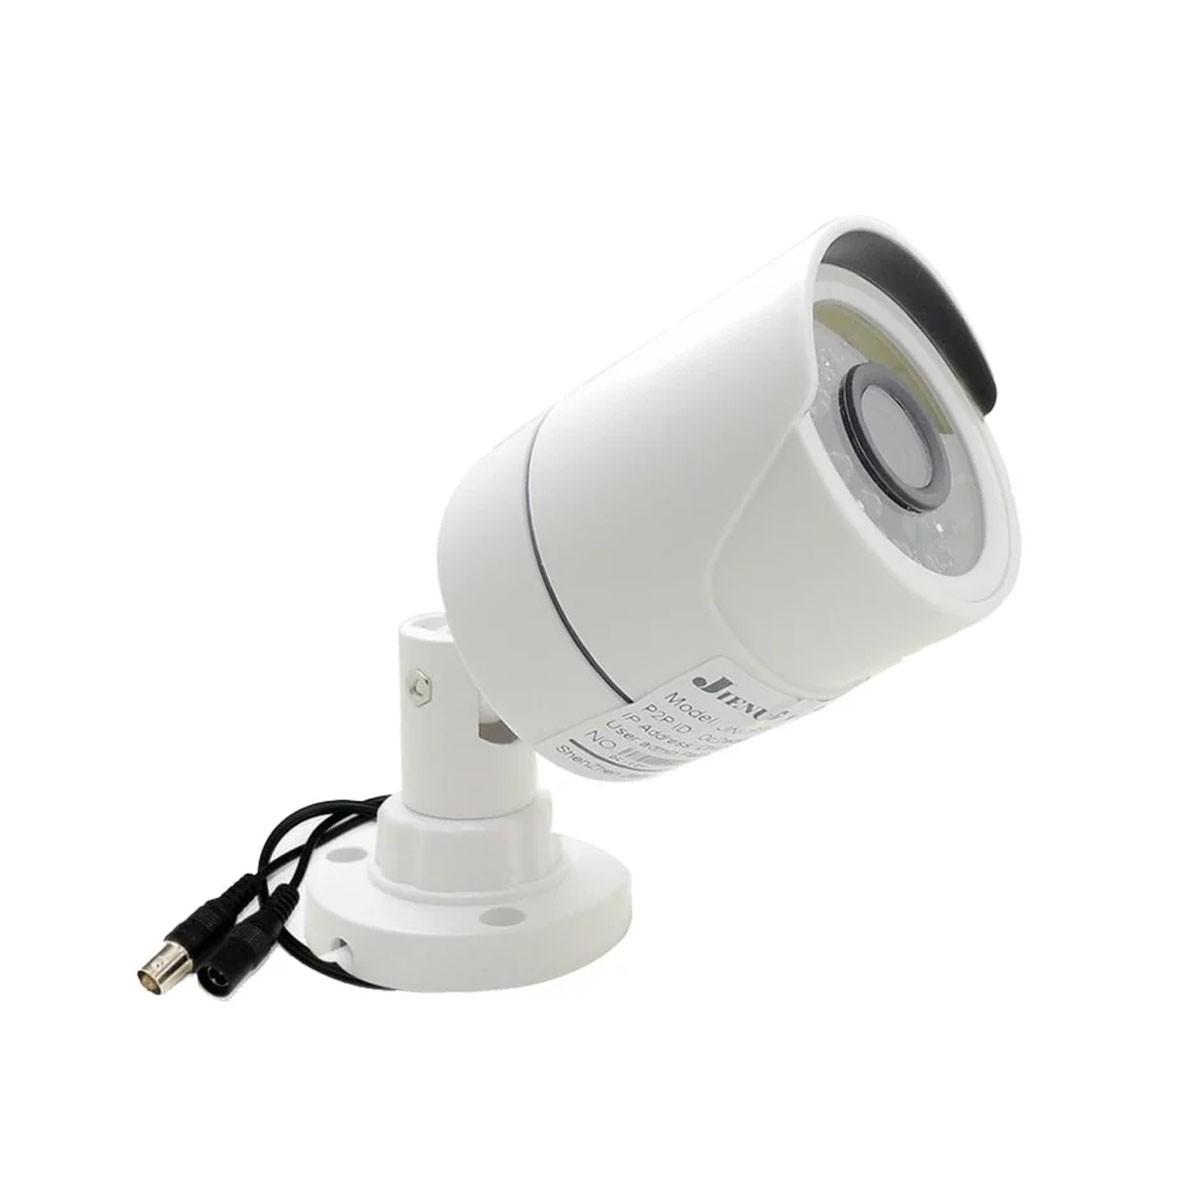 Kit 2 Câmeras Ahd 1.3MP 30Mts Com Cabo Fonte e Conectores